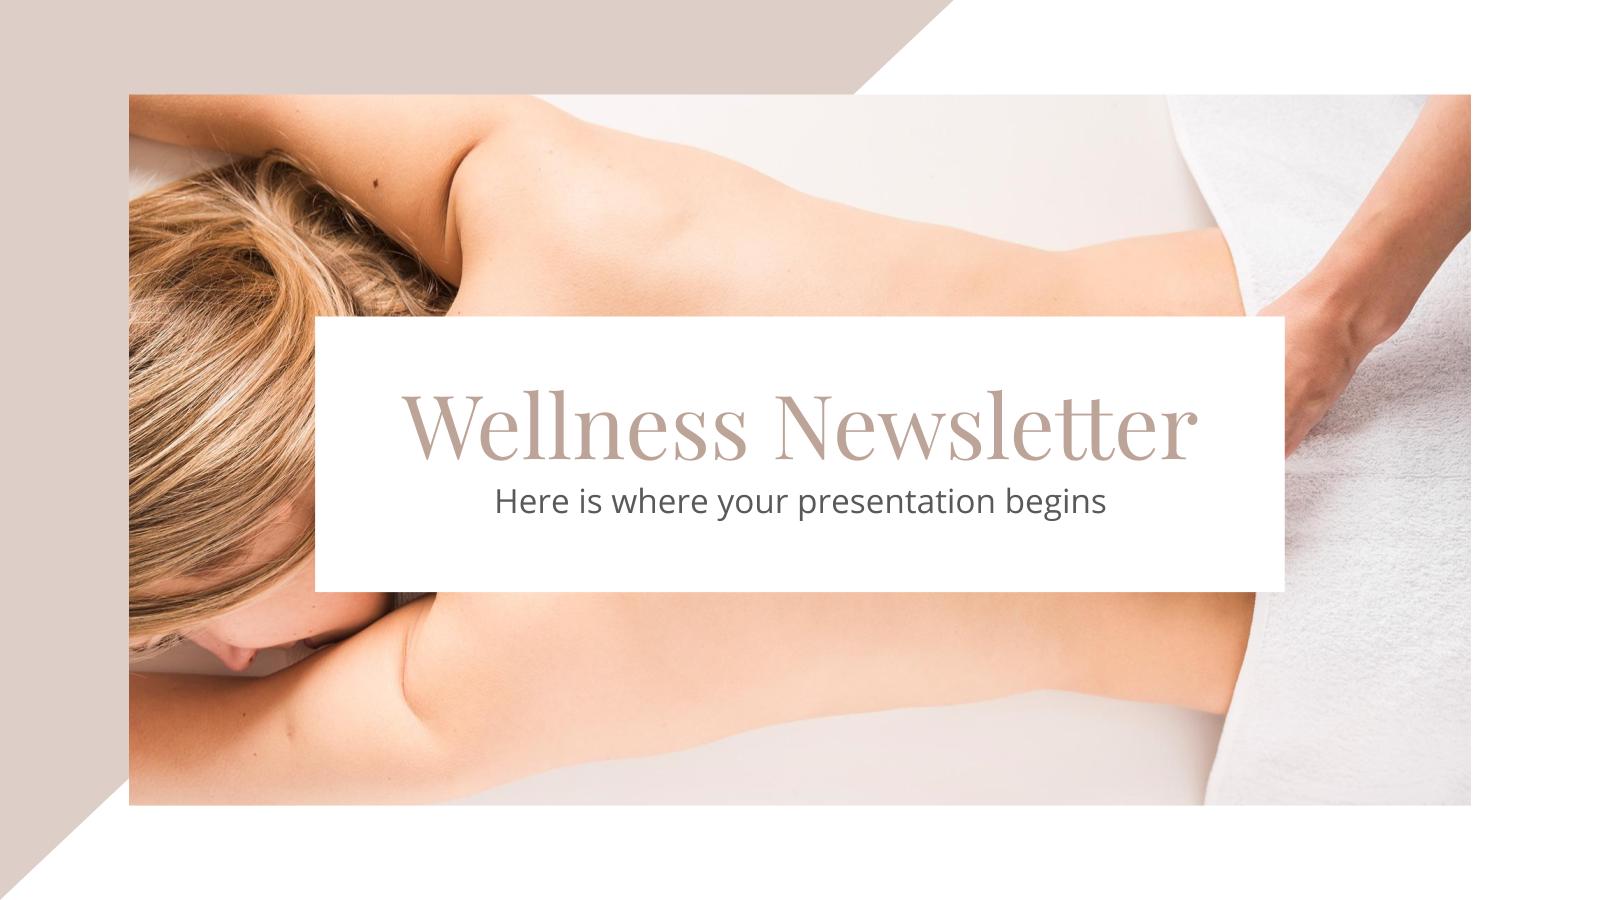 Plantilla de presentación Newsletter de bienestar